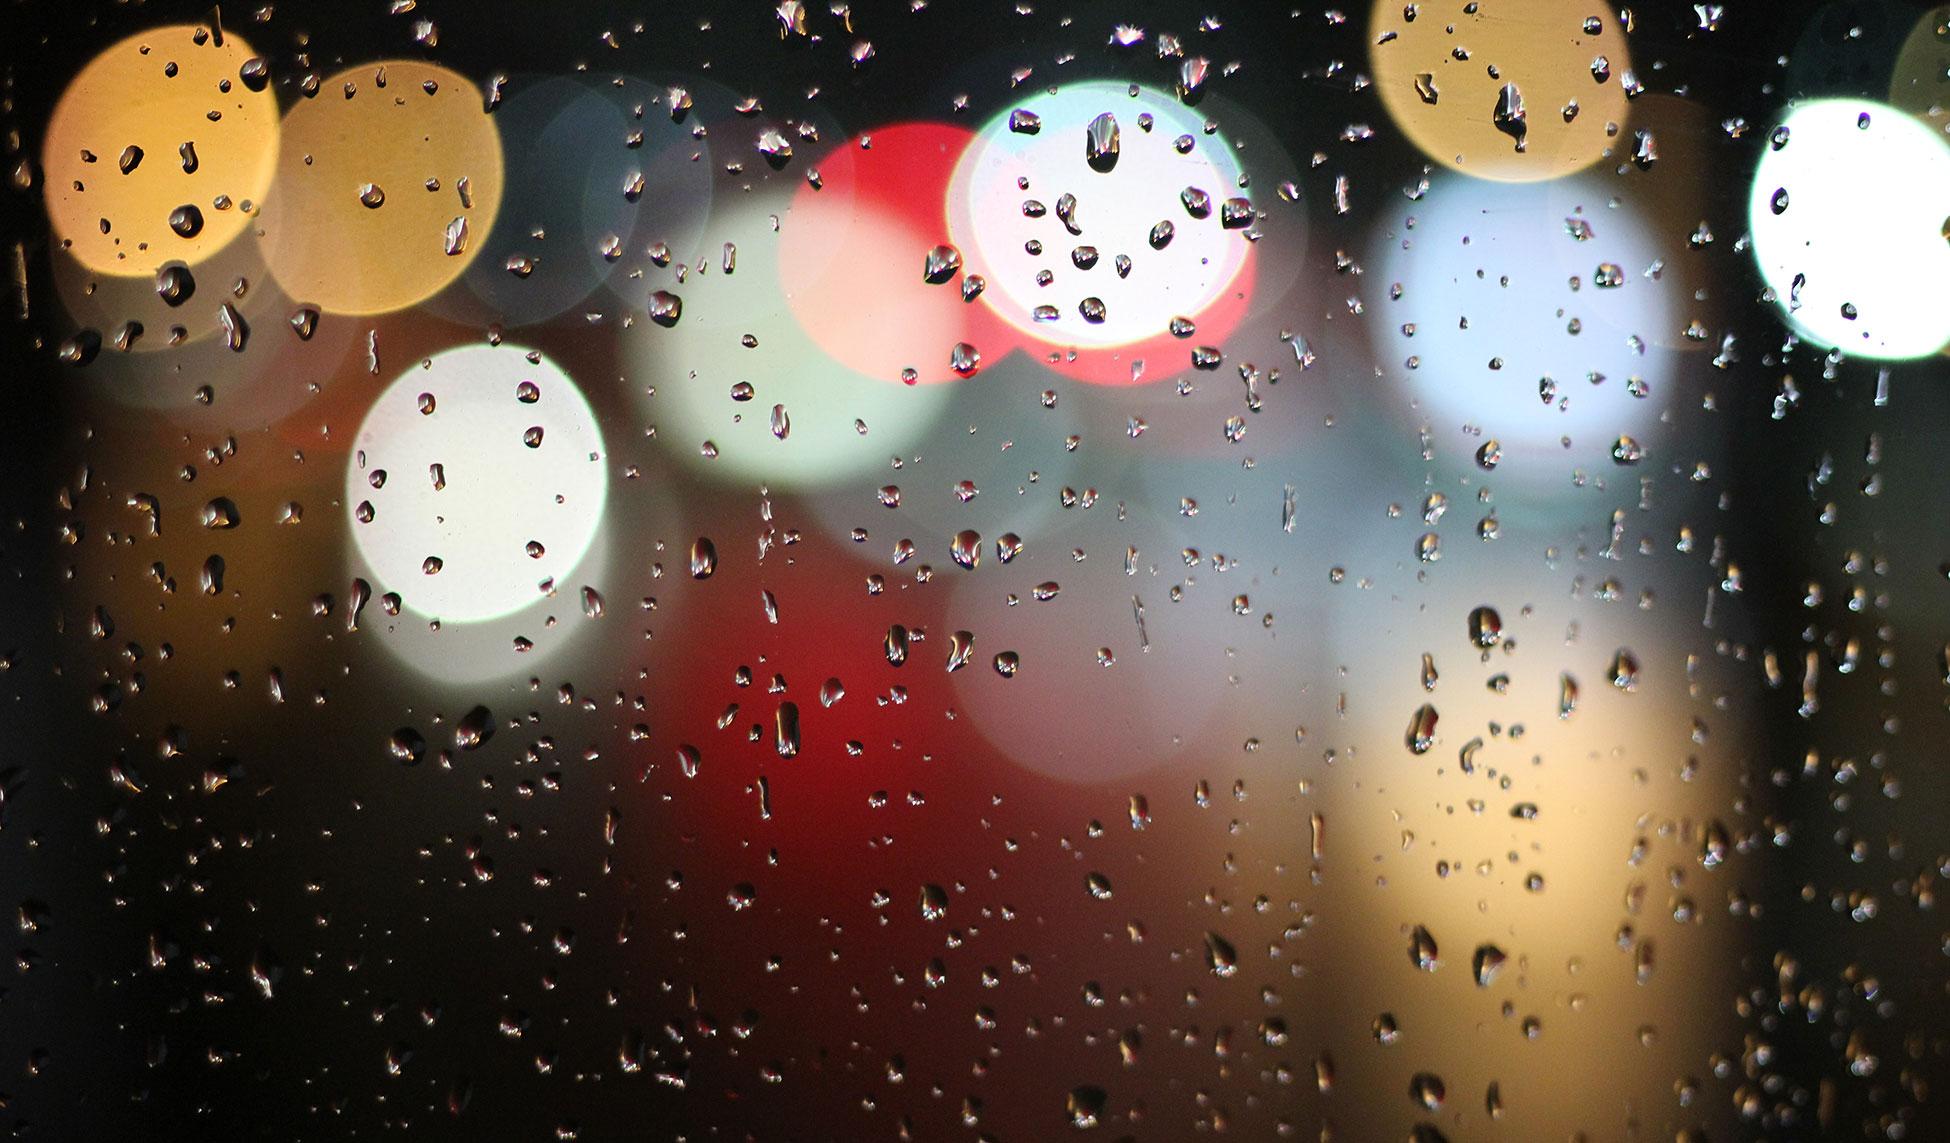 Wassertropfen auf Fensterscheibe, bunte Lichter